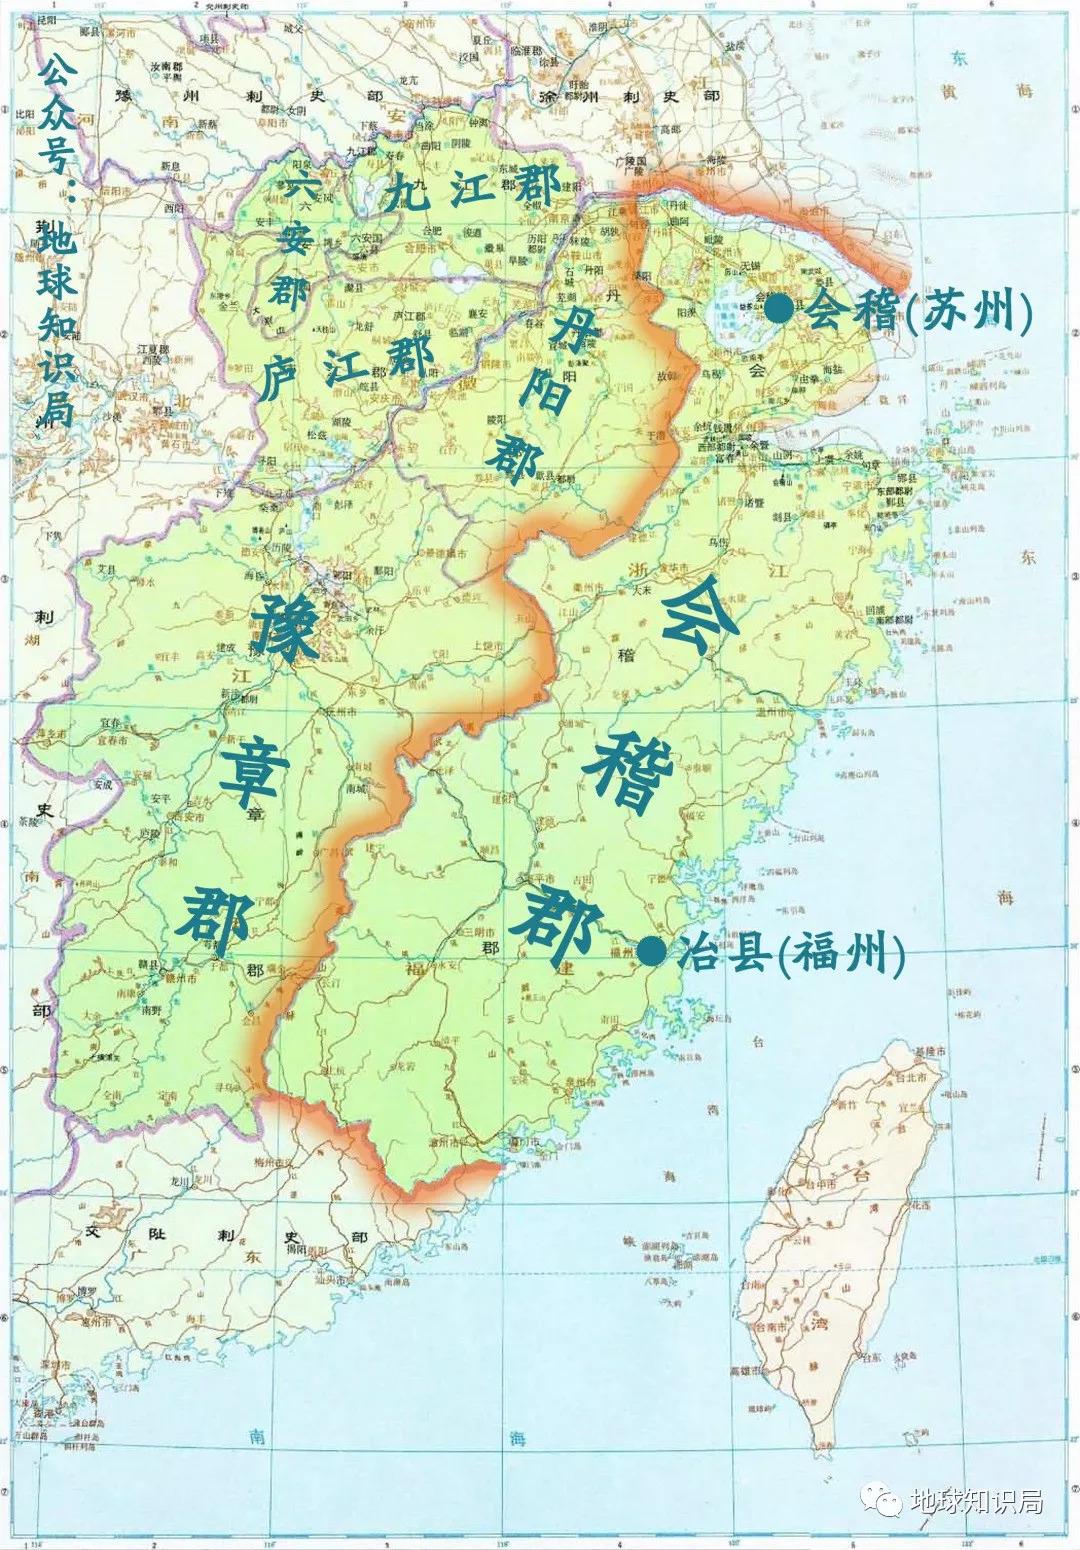 中国审判-如何进入福建?